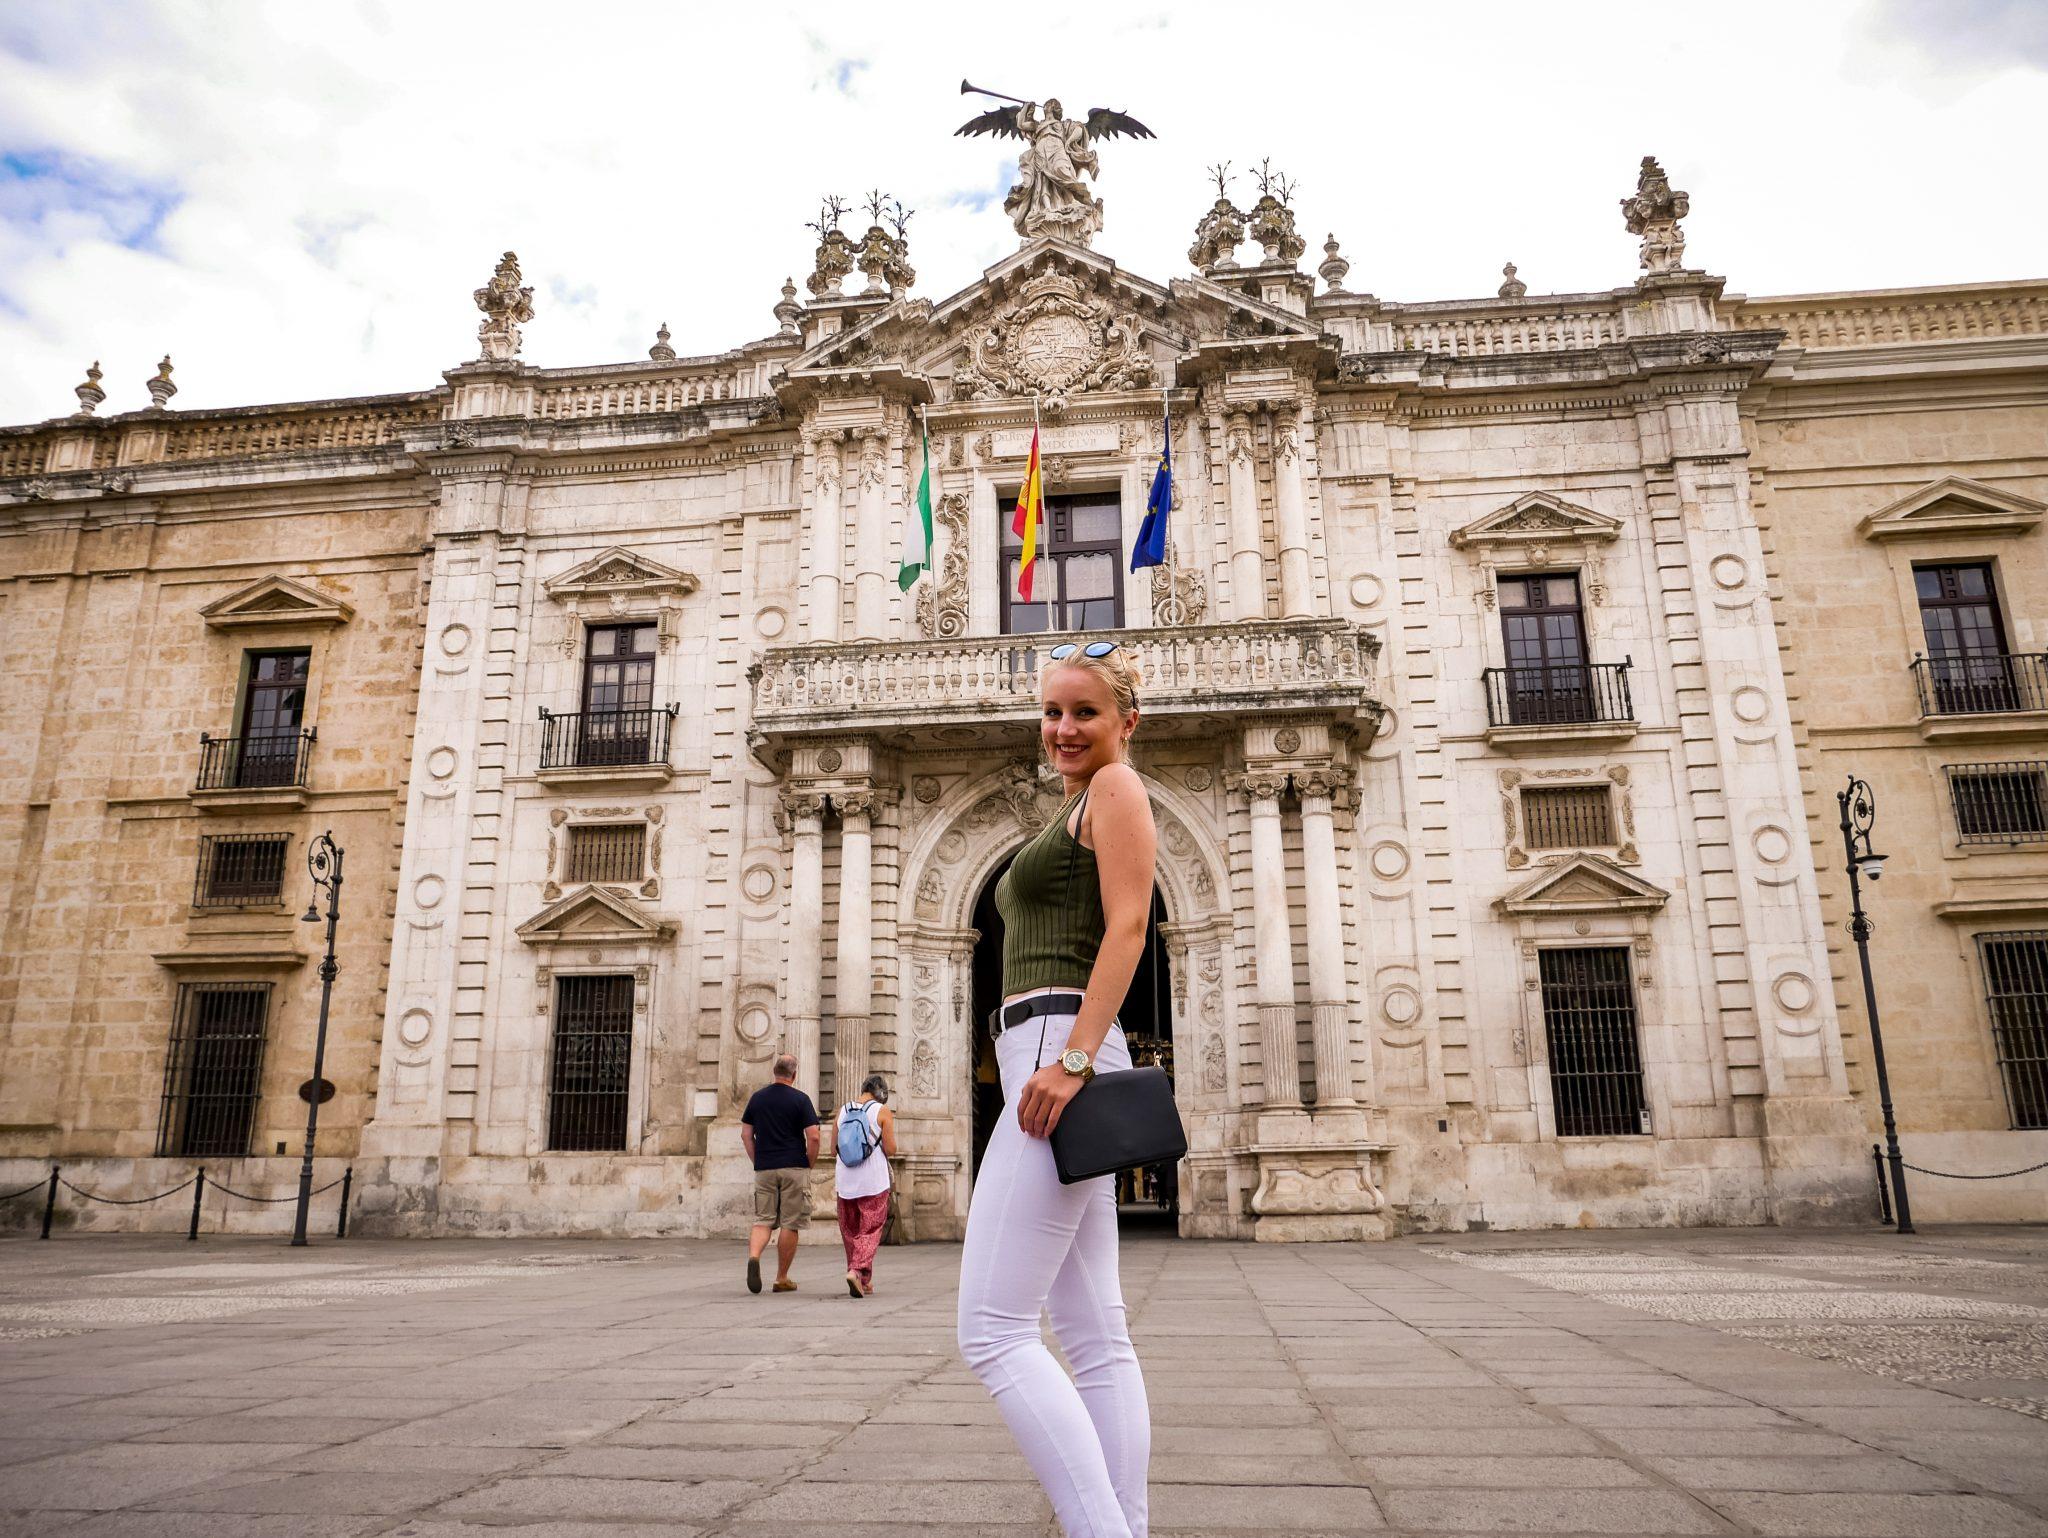 Der Haupteingang der Universidad de Sevilla, ein Traum!